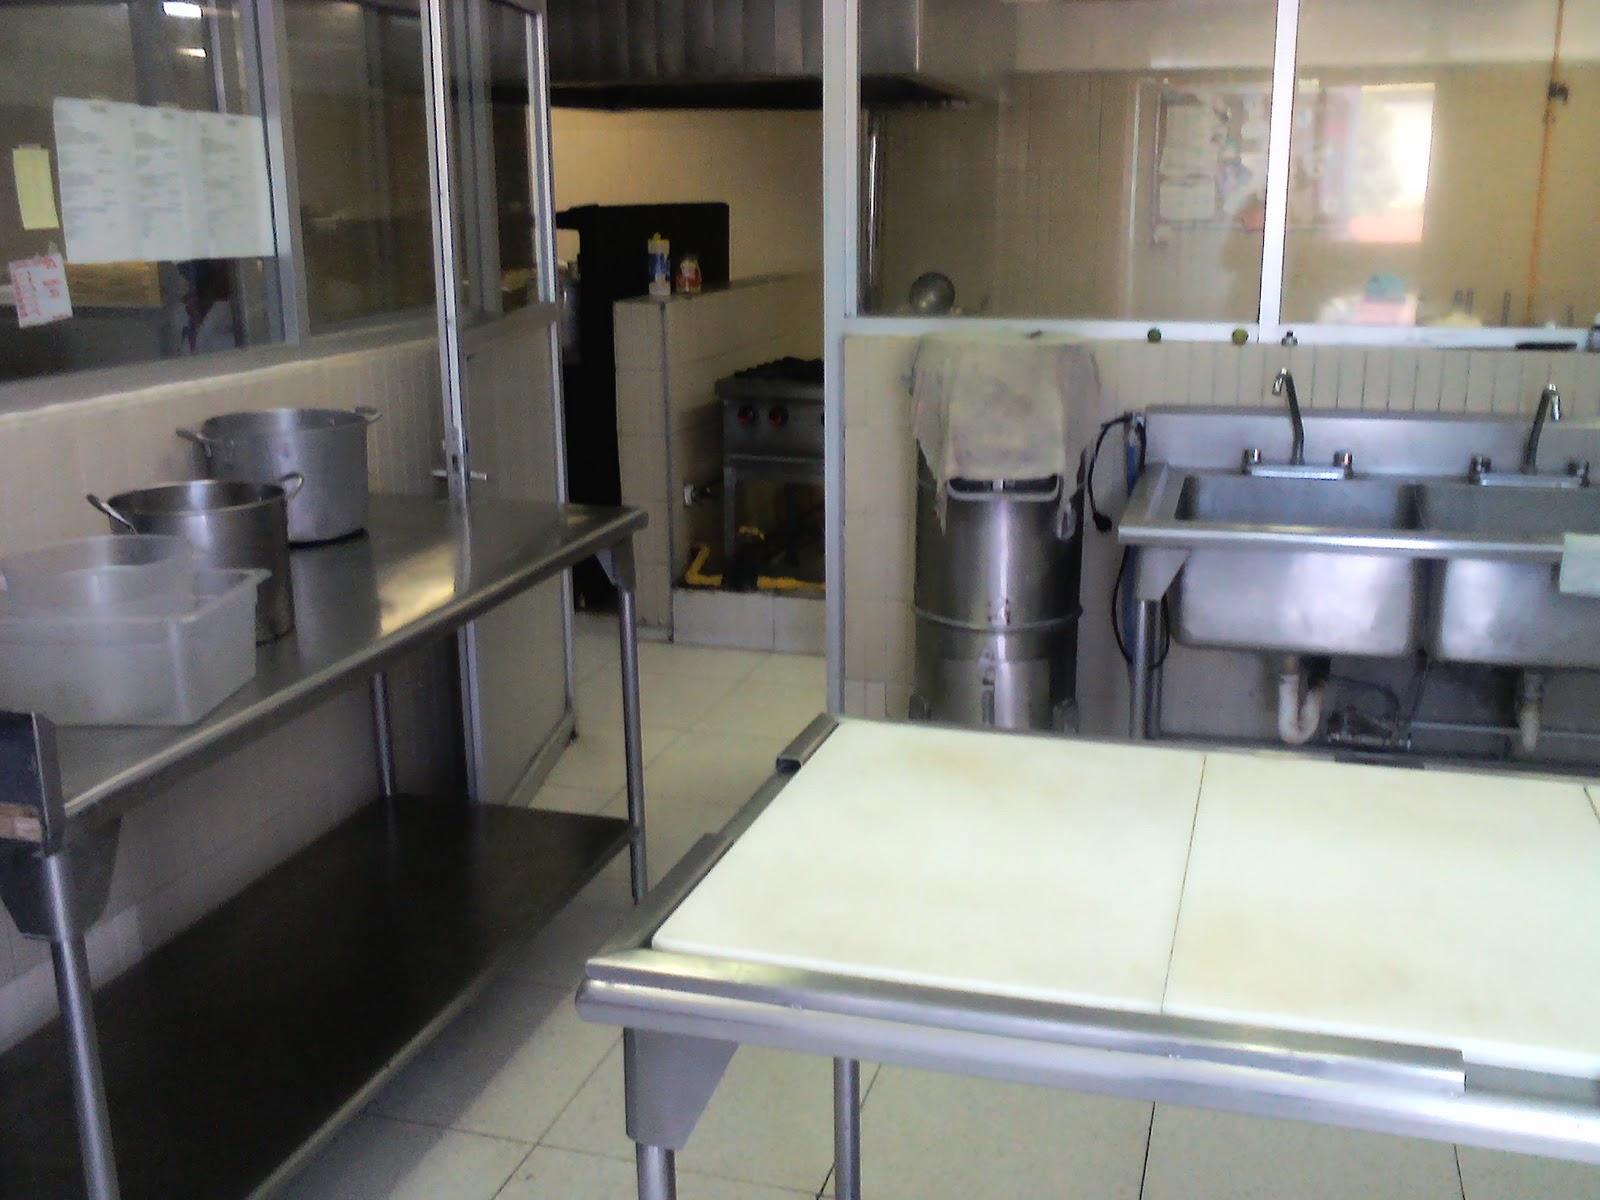 Comedor hgz 2 reas del comedor for Concepto de comedor industrial